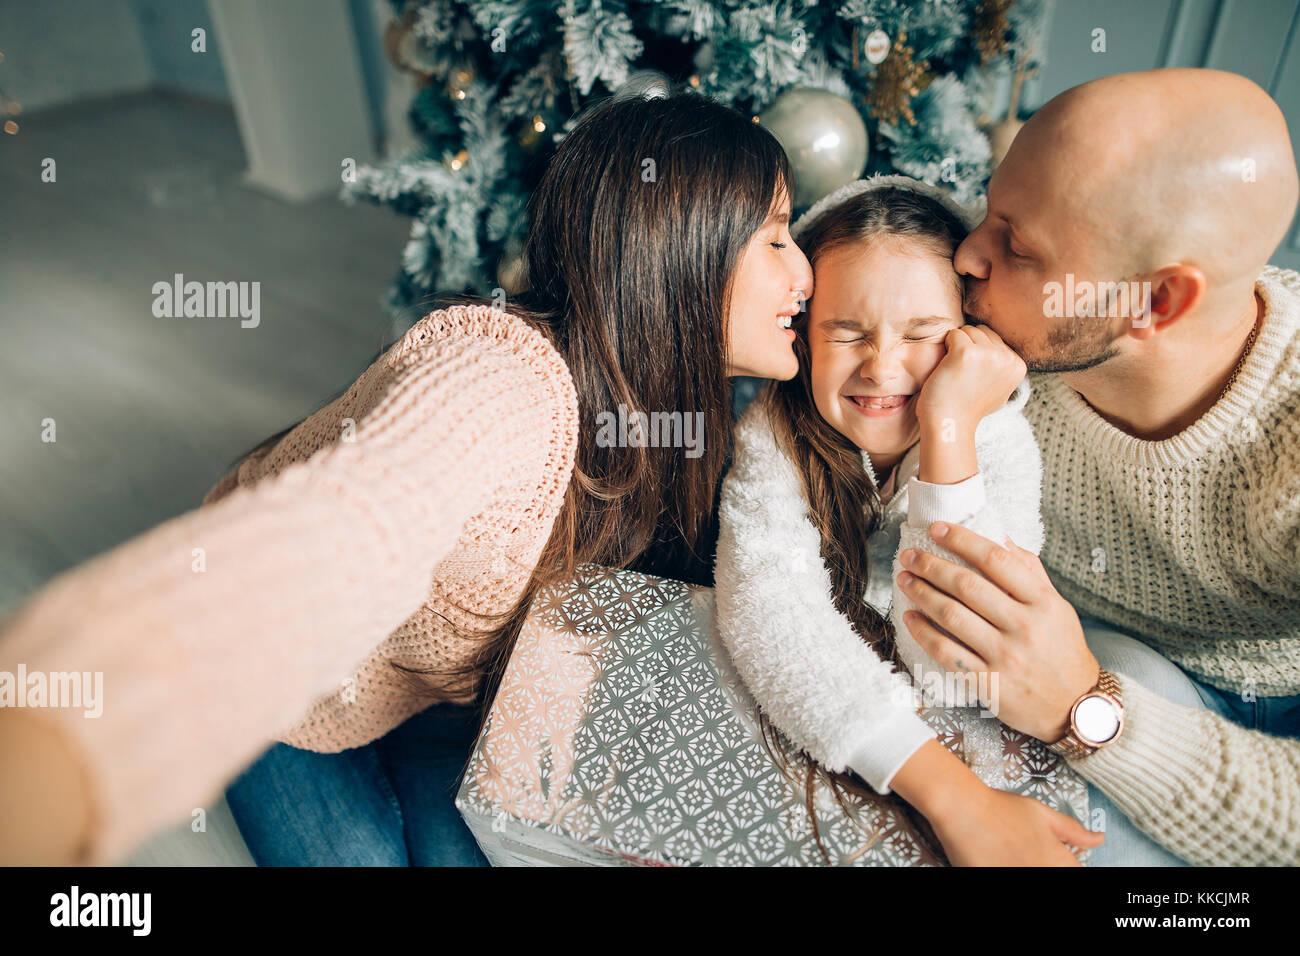 Freundliche Familie, comic Weihnachten selfie und Zungen Stockbild